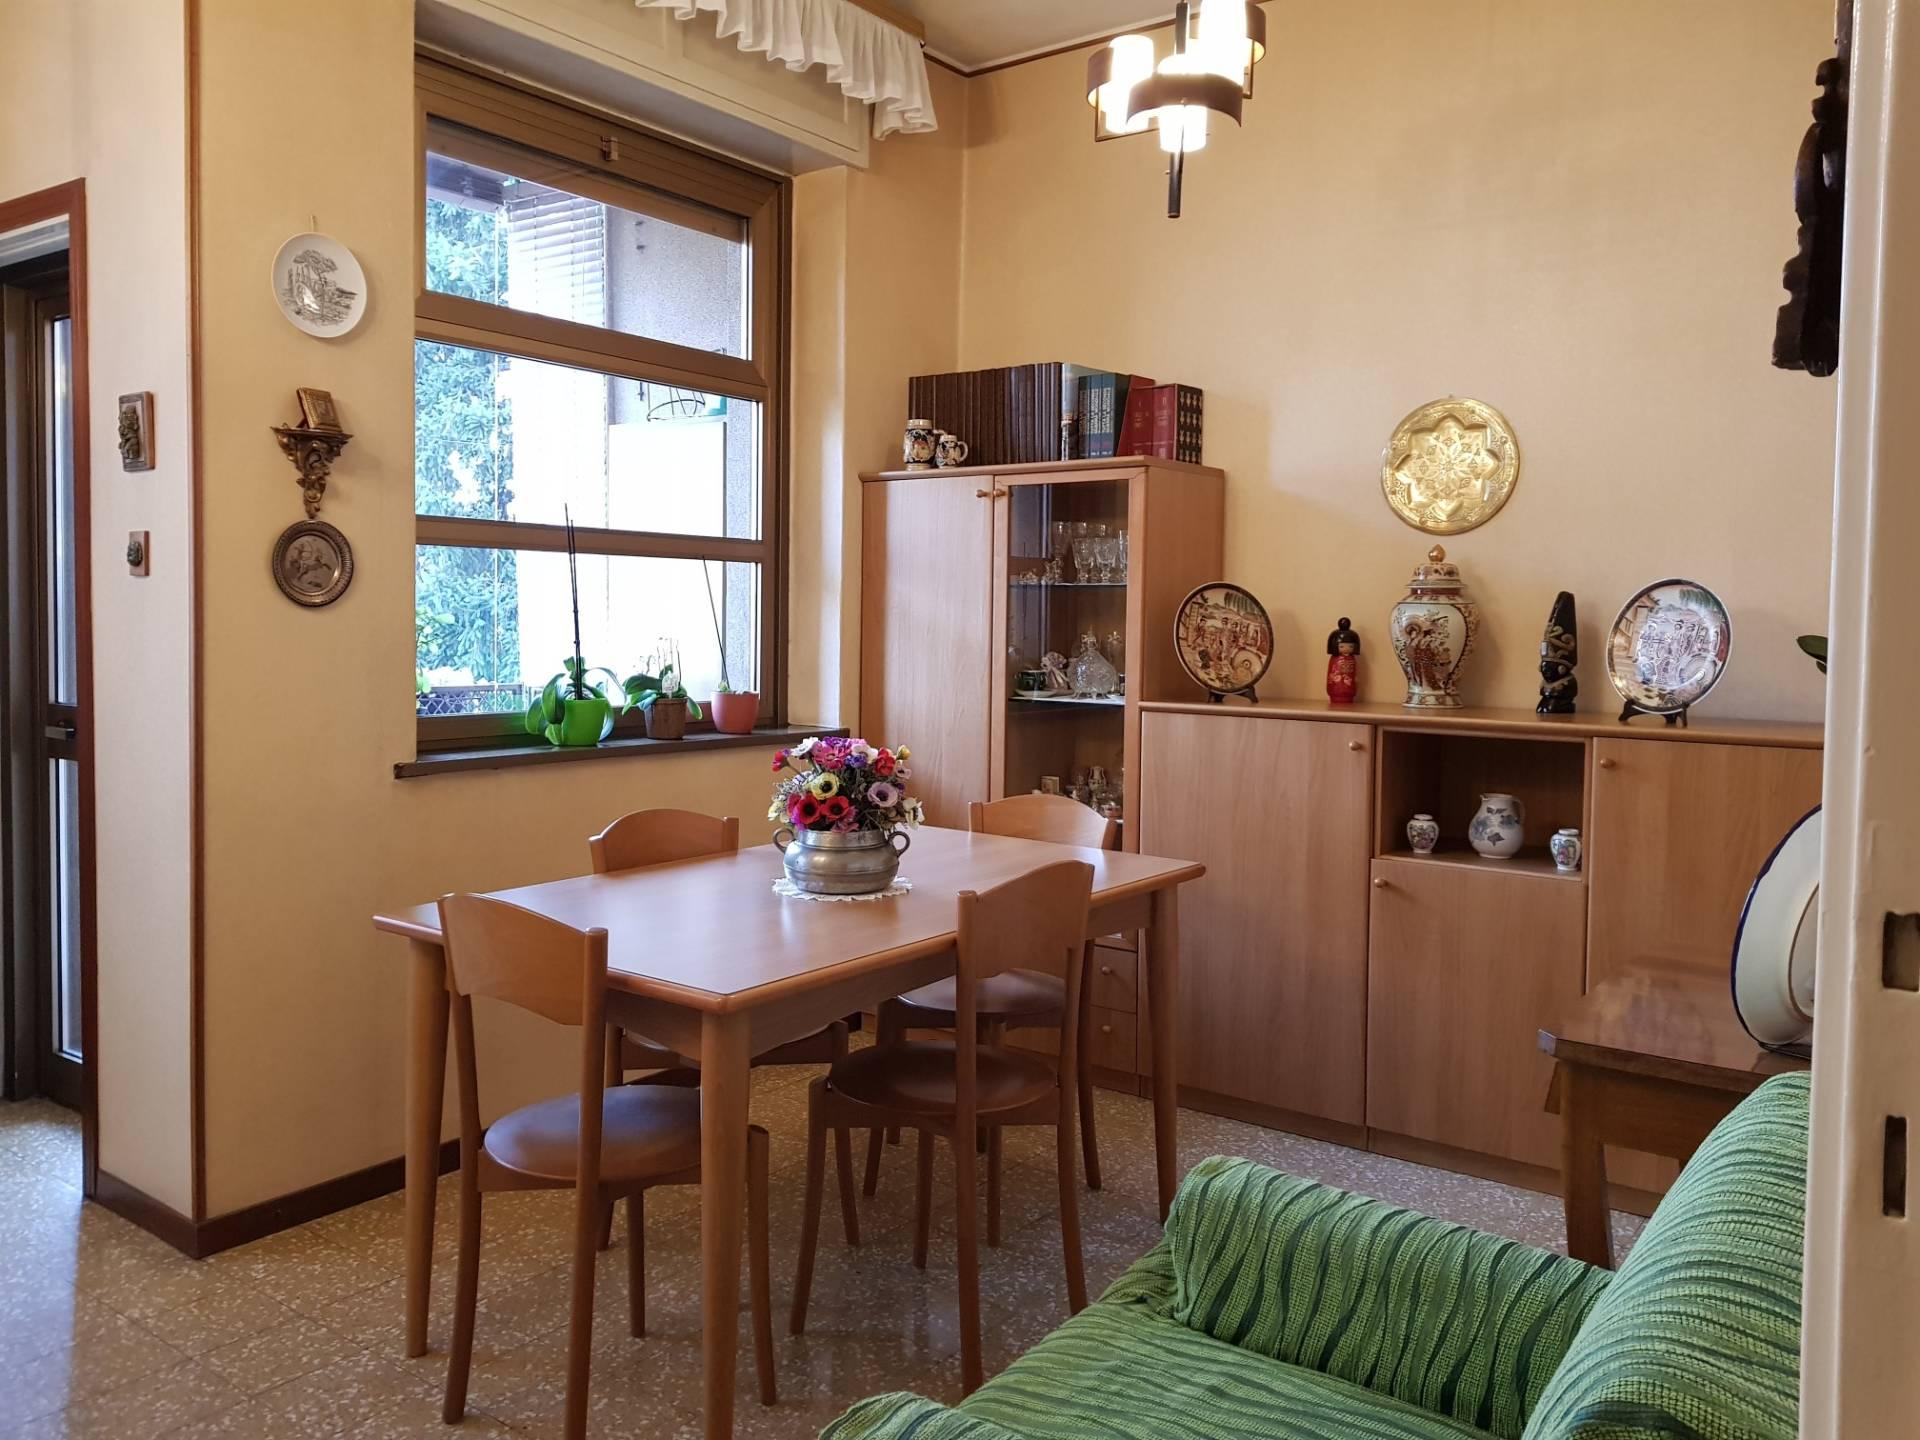 Appartamento in vendita a Busto Arsizio, 3 locali, zona Località: S.Anna, prezzo € 52.000 | CambioCasa.it